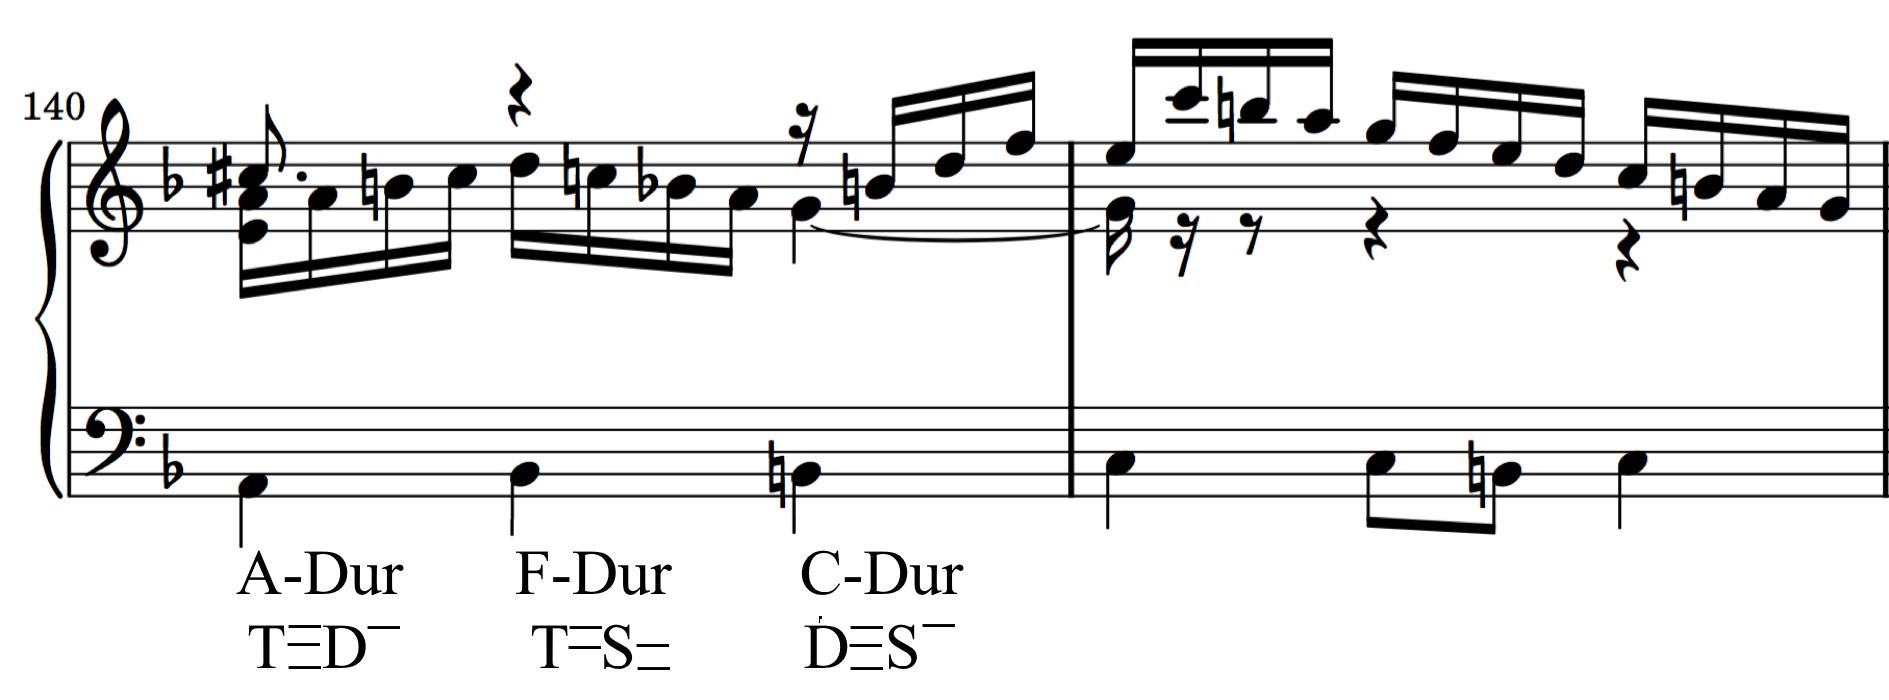 musik theeorie versetzungszeichen